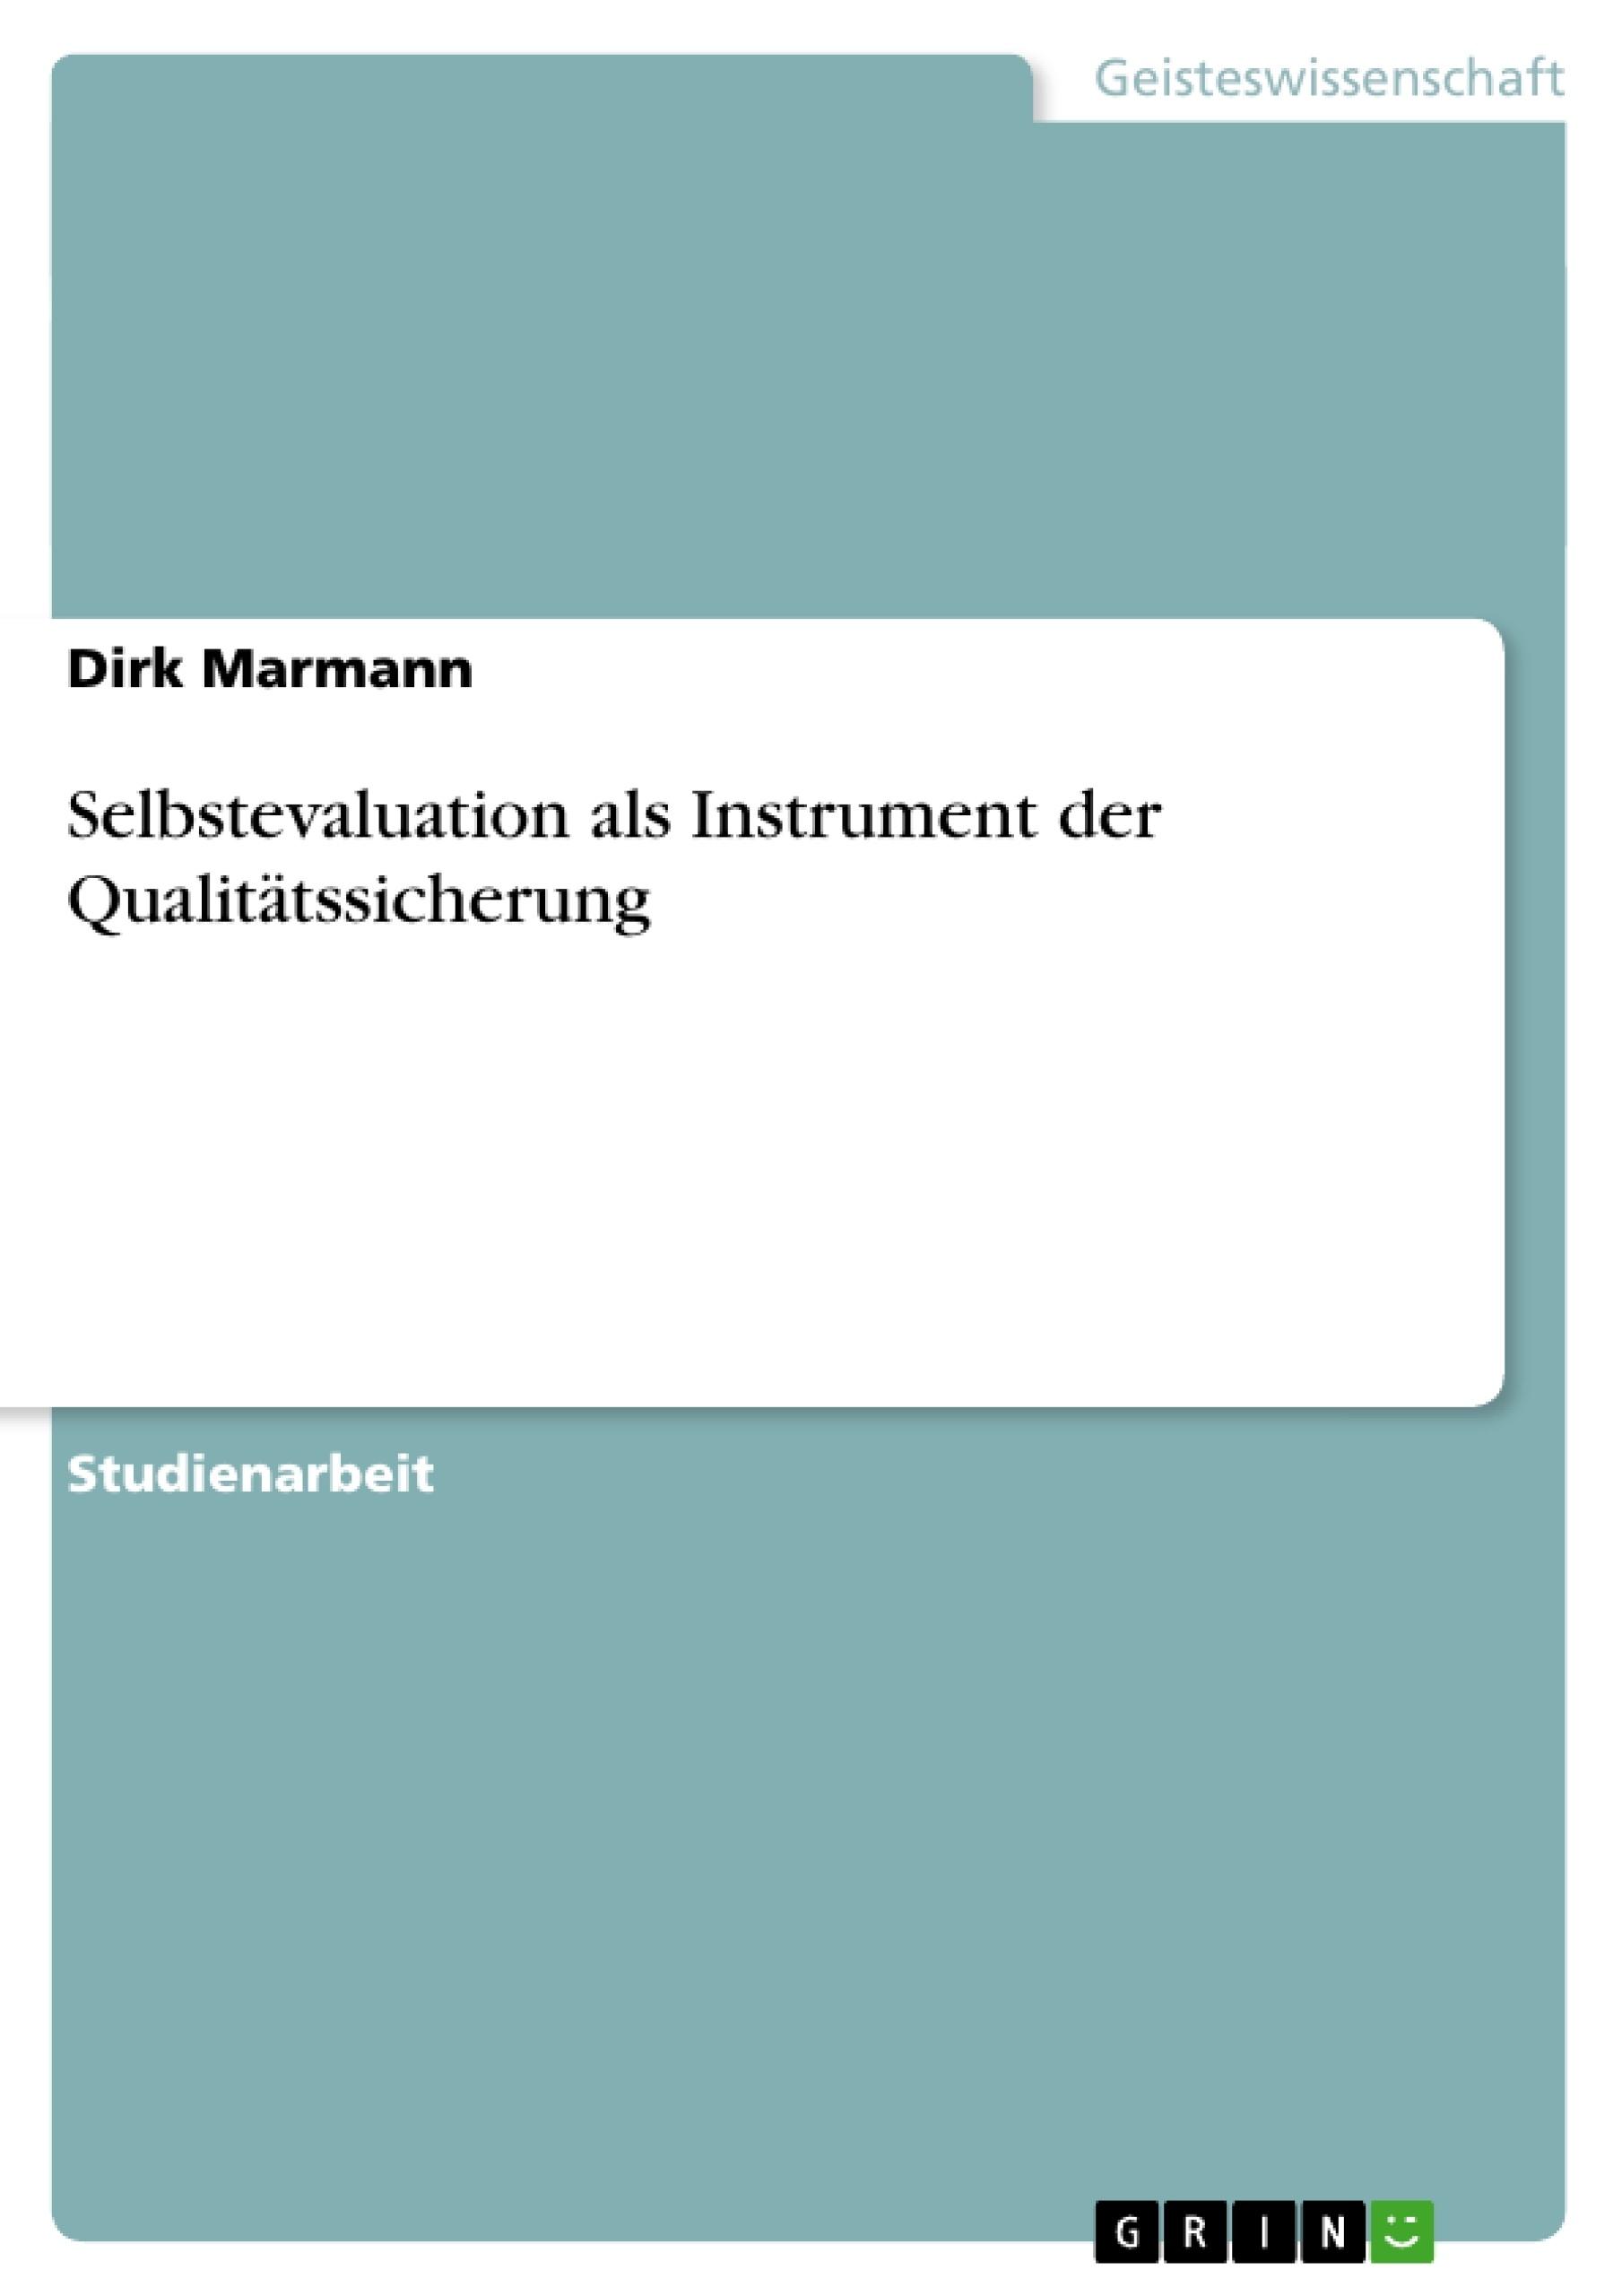 Titel: Selbstevaluation als Instrument der Qualitätssicherung